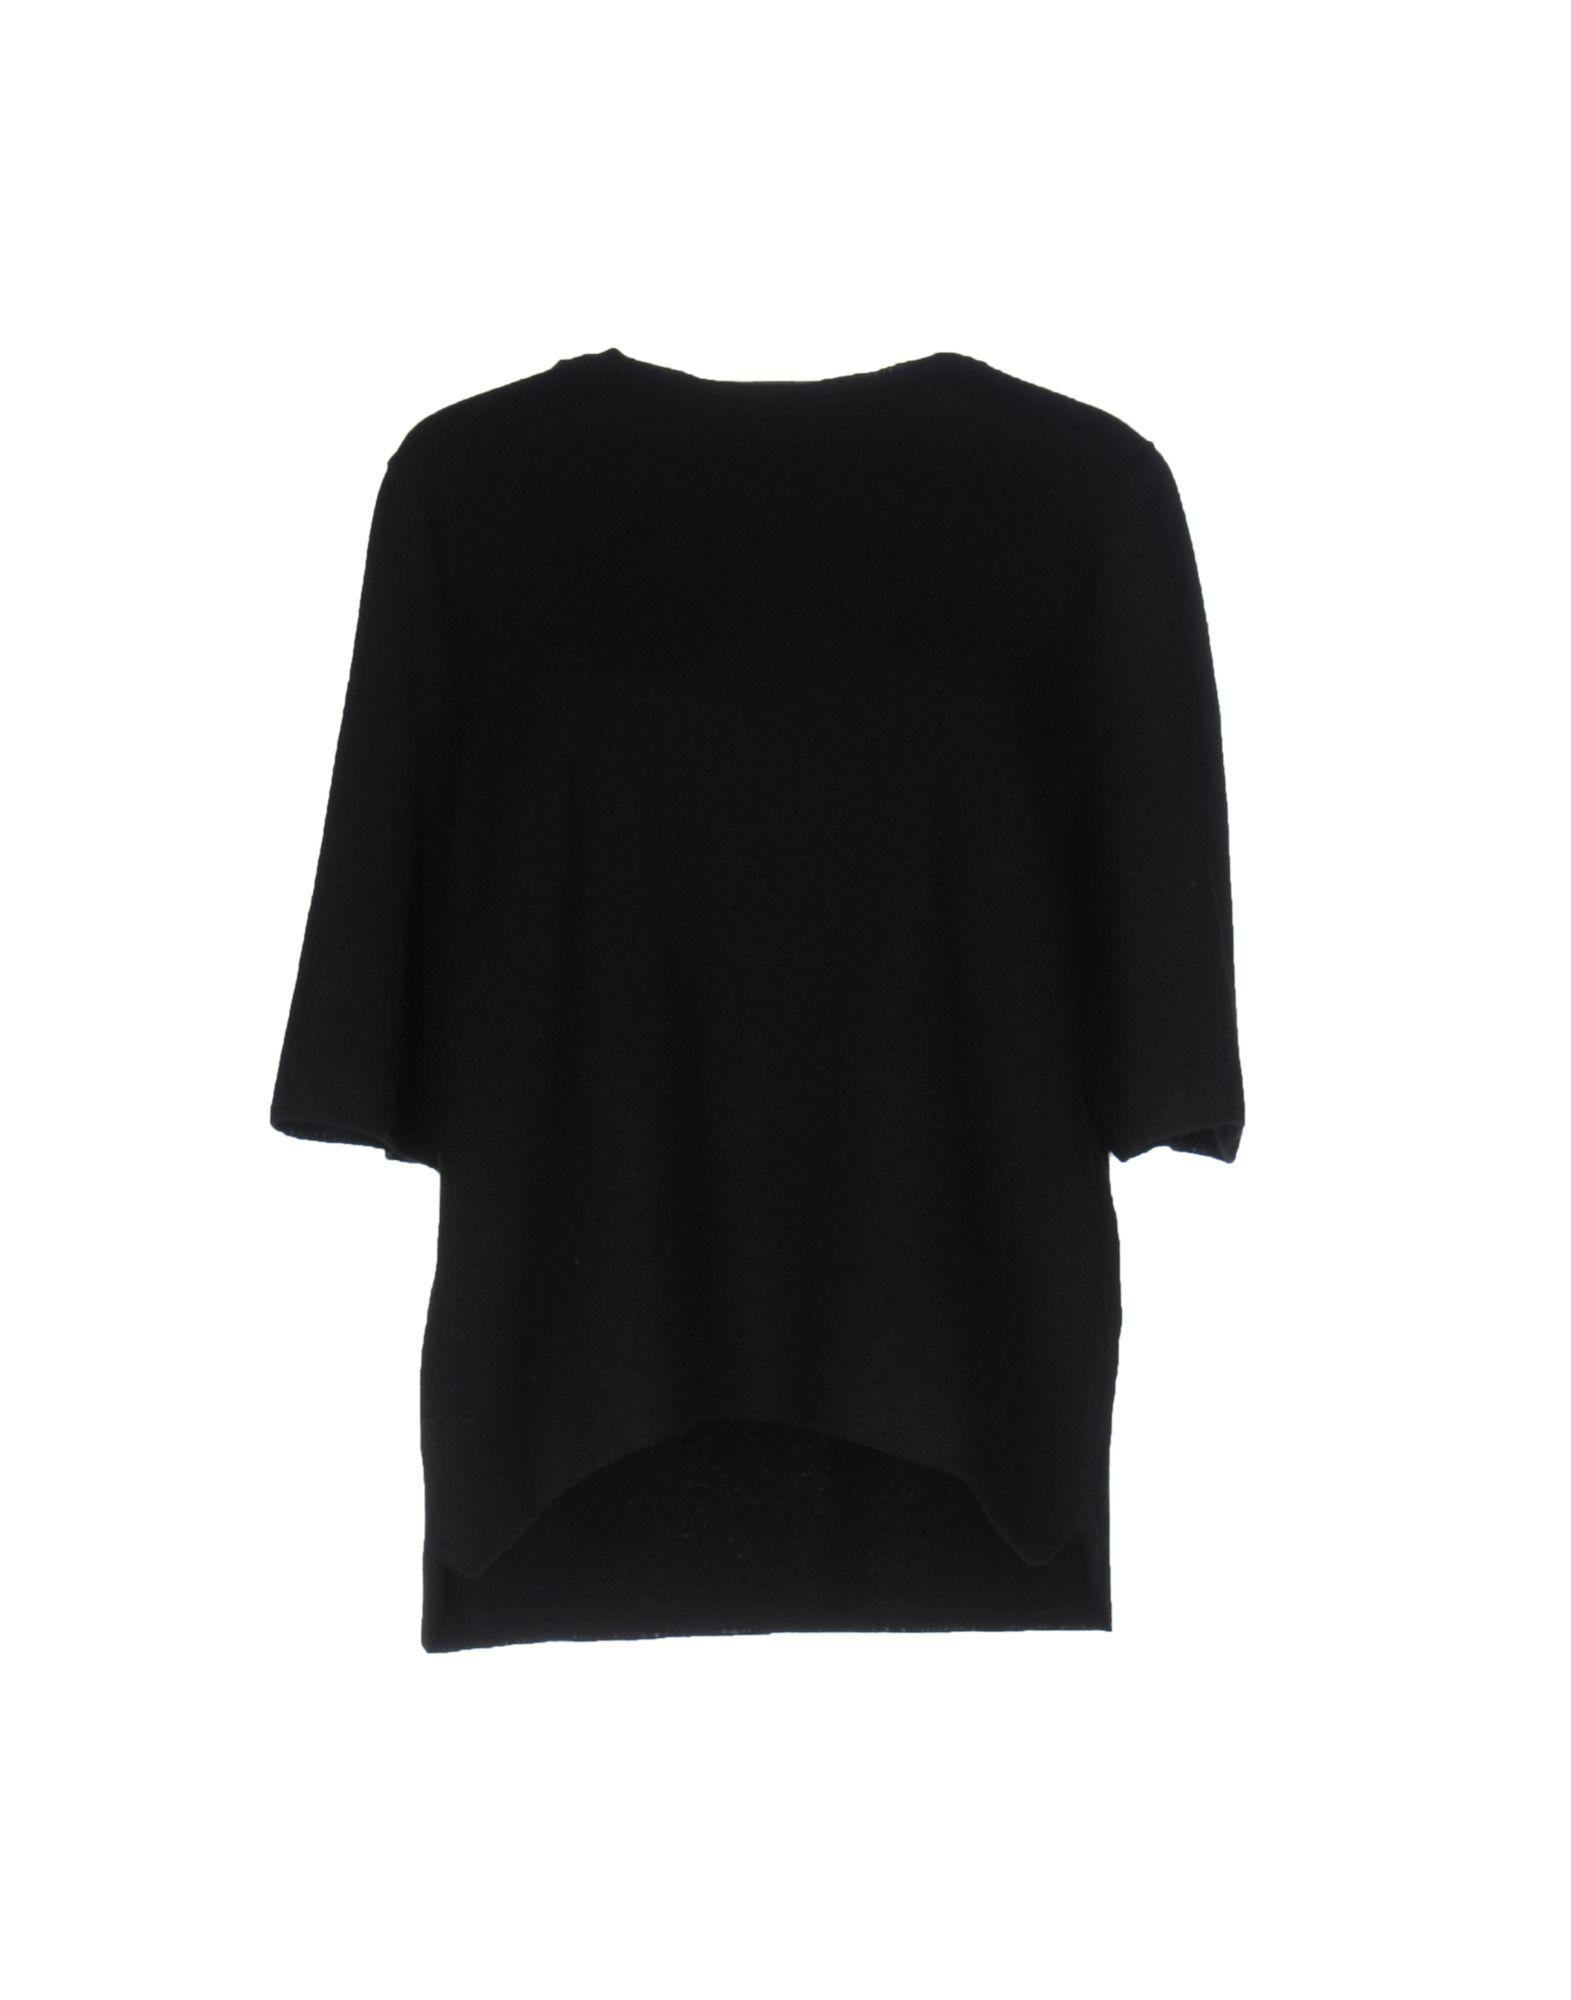 TORTONA 21 Damen Pullover Farbe Schwarz Größe 7 - broschei